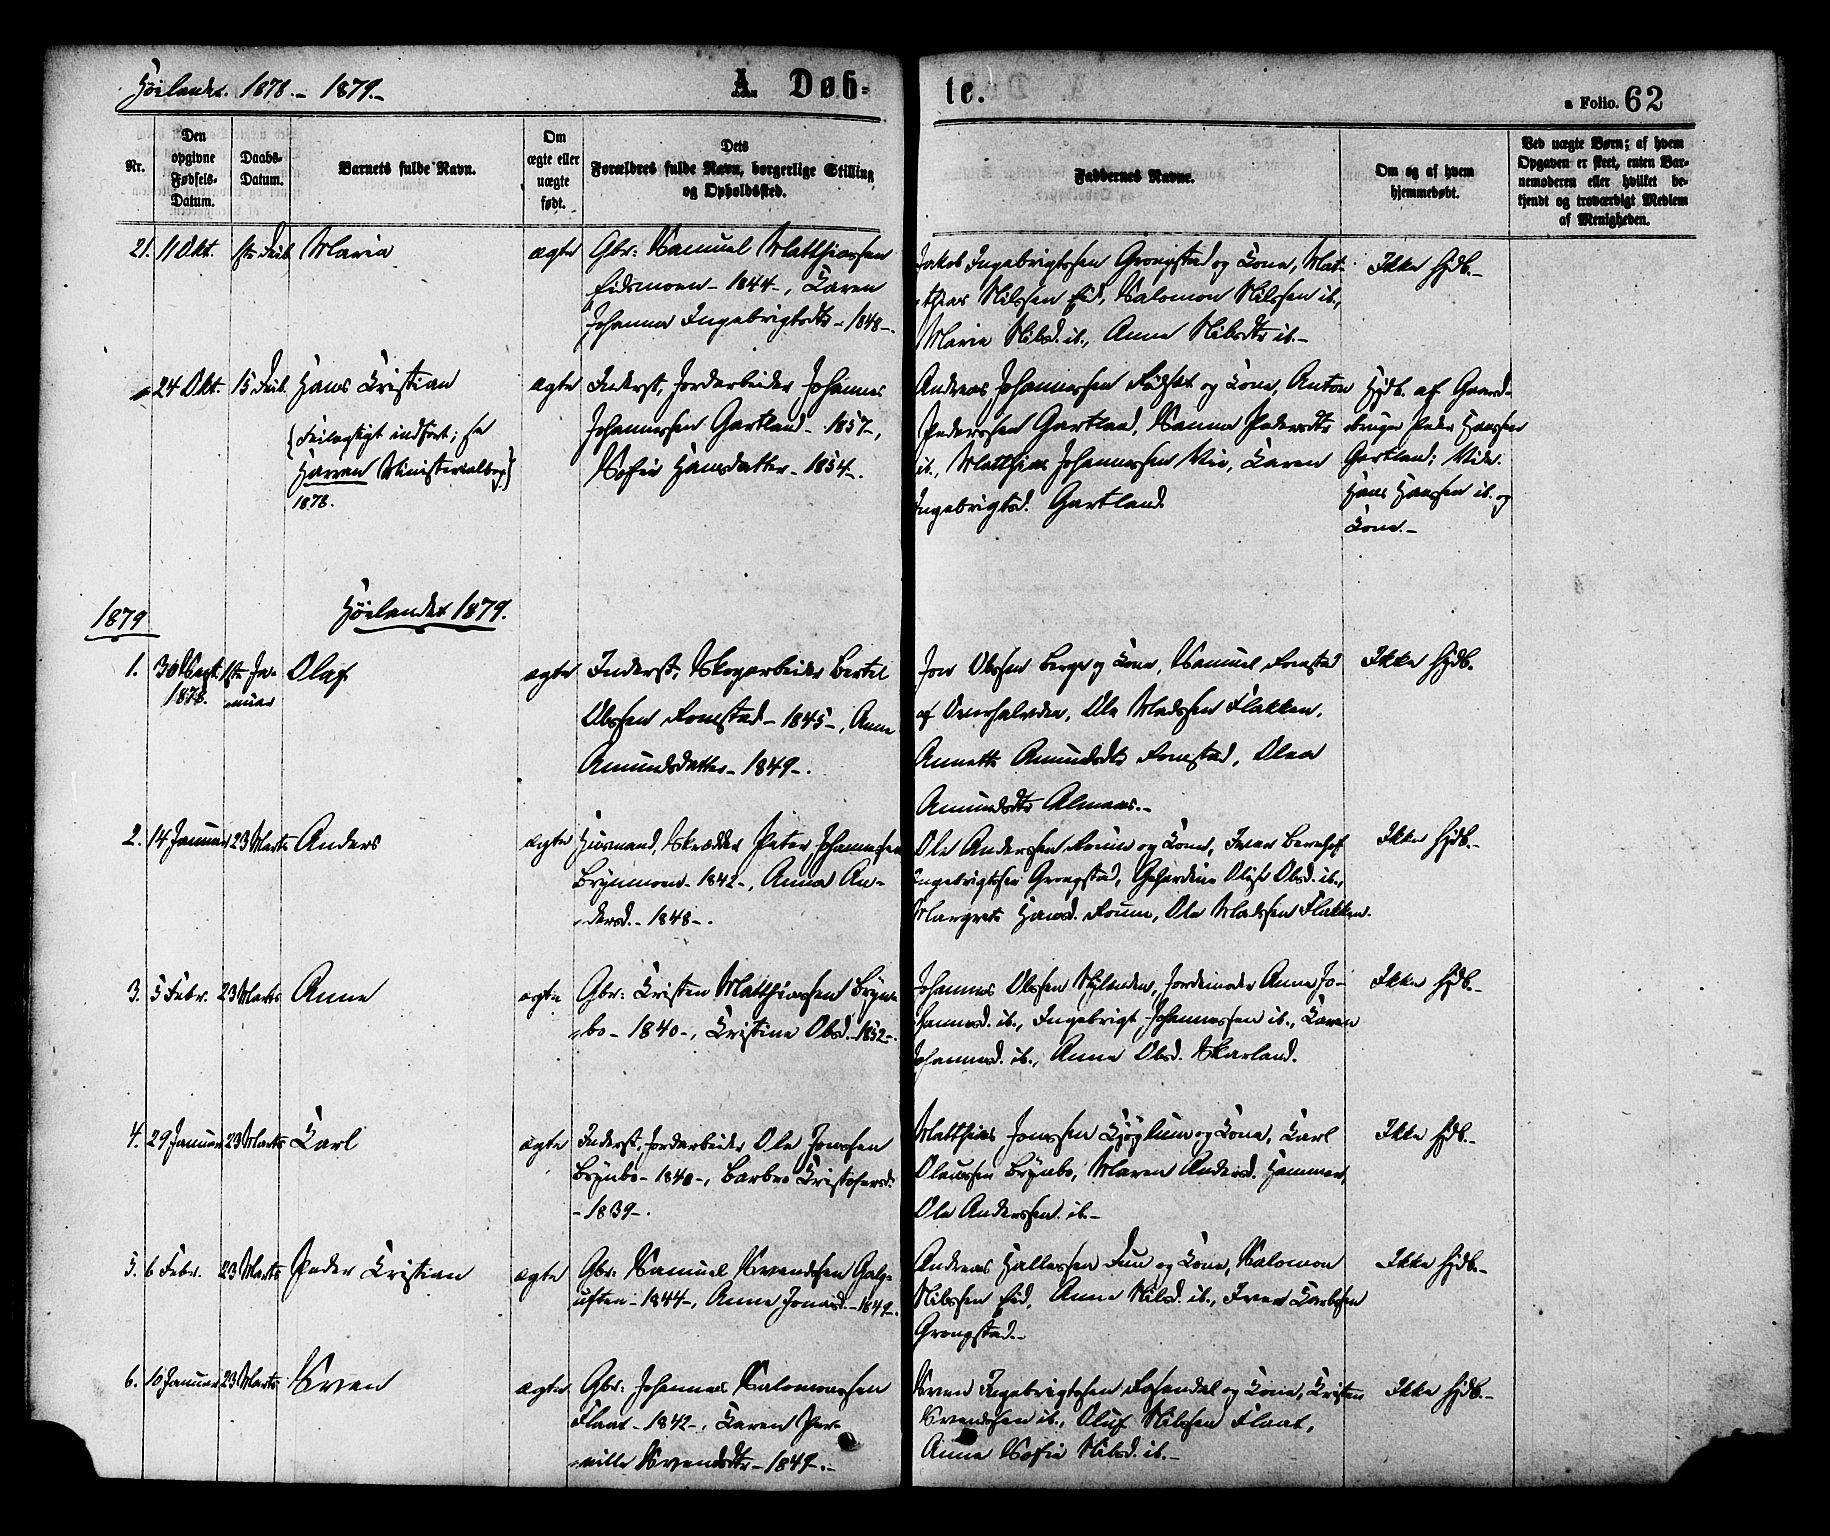 SAT, Ministerialprotokoller, klokkerbøker og fødselsregistre - Nord-Trøndelag, 758/L0516: Ministerialbok nr. 758A03 /2, 1869-1879, s. 62